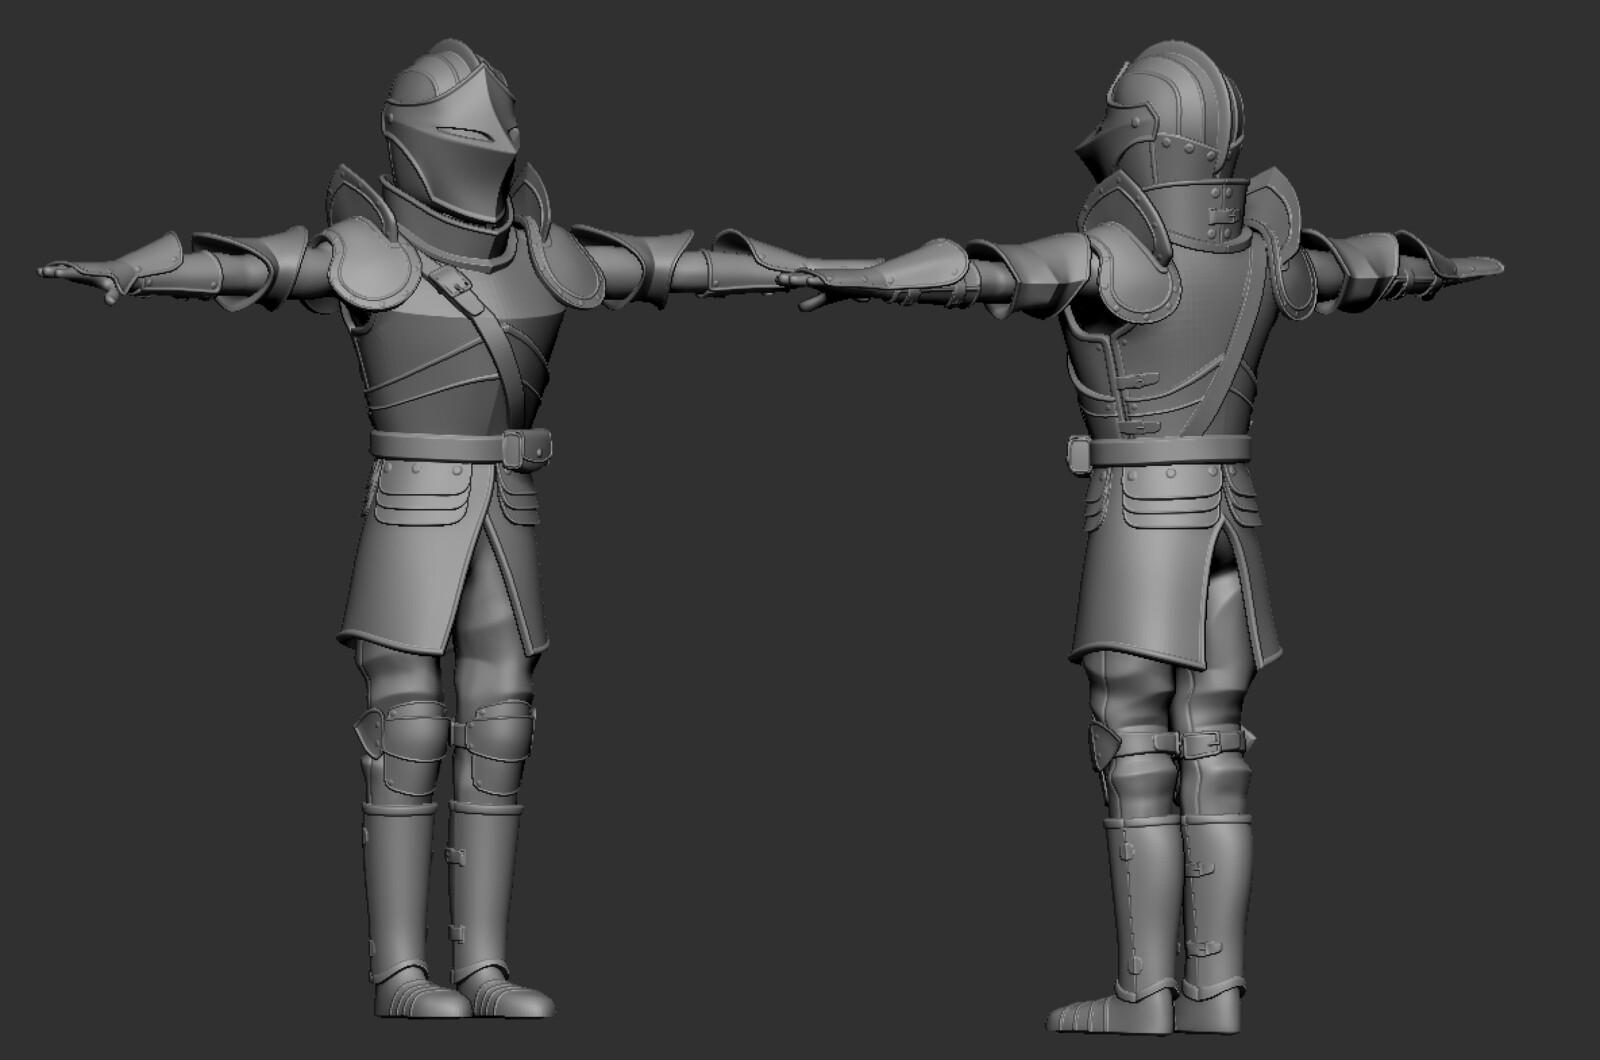 Armor in Zbrush